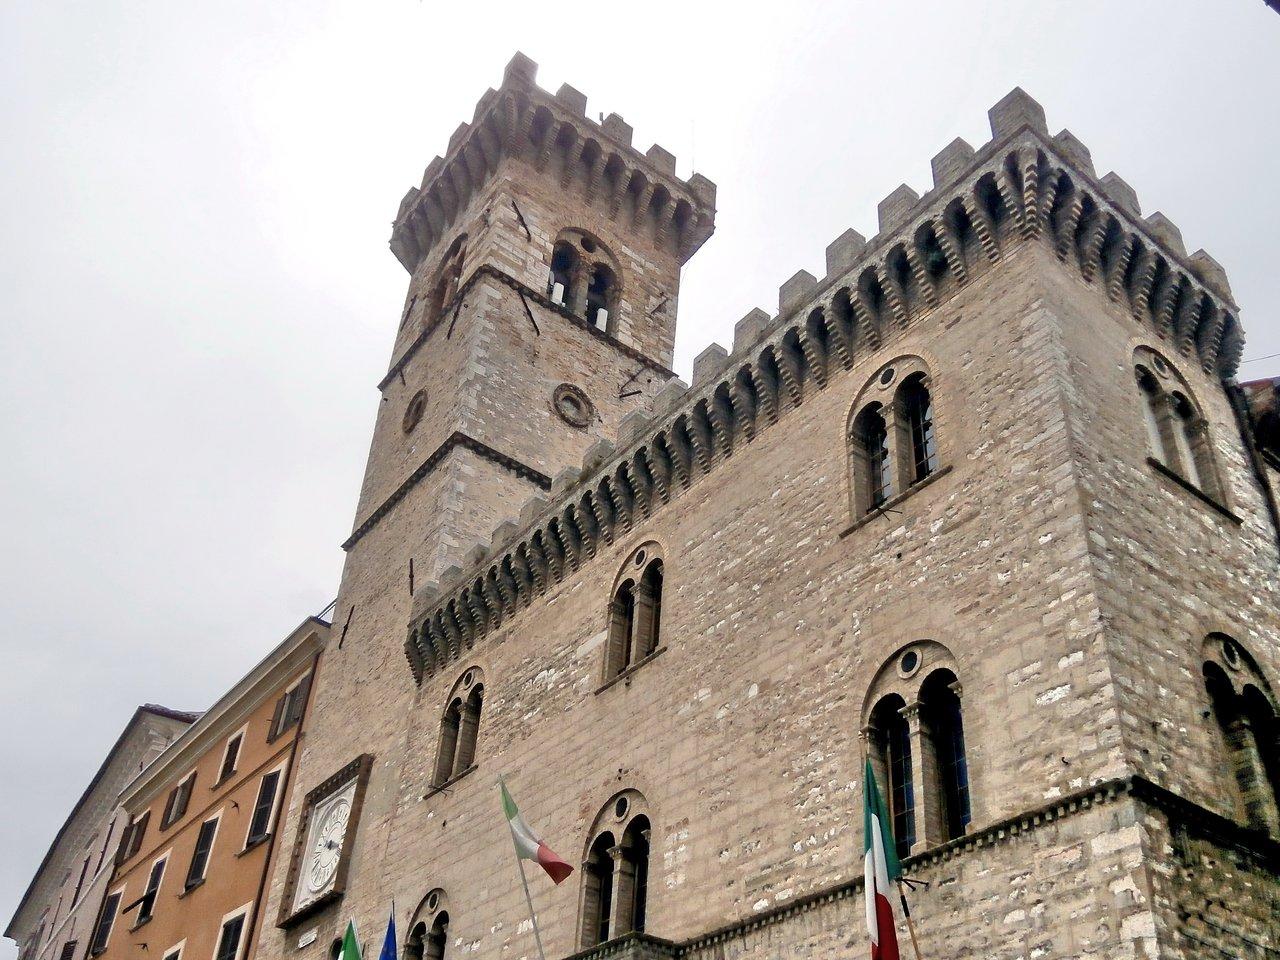 Palazzo dei priori ad Arcevia